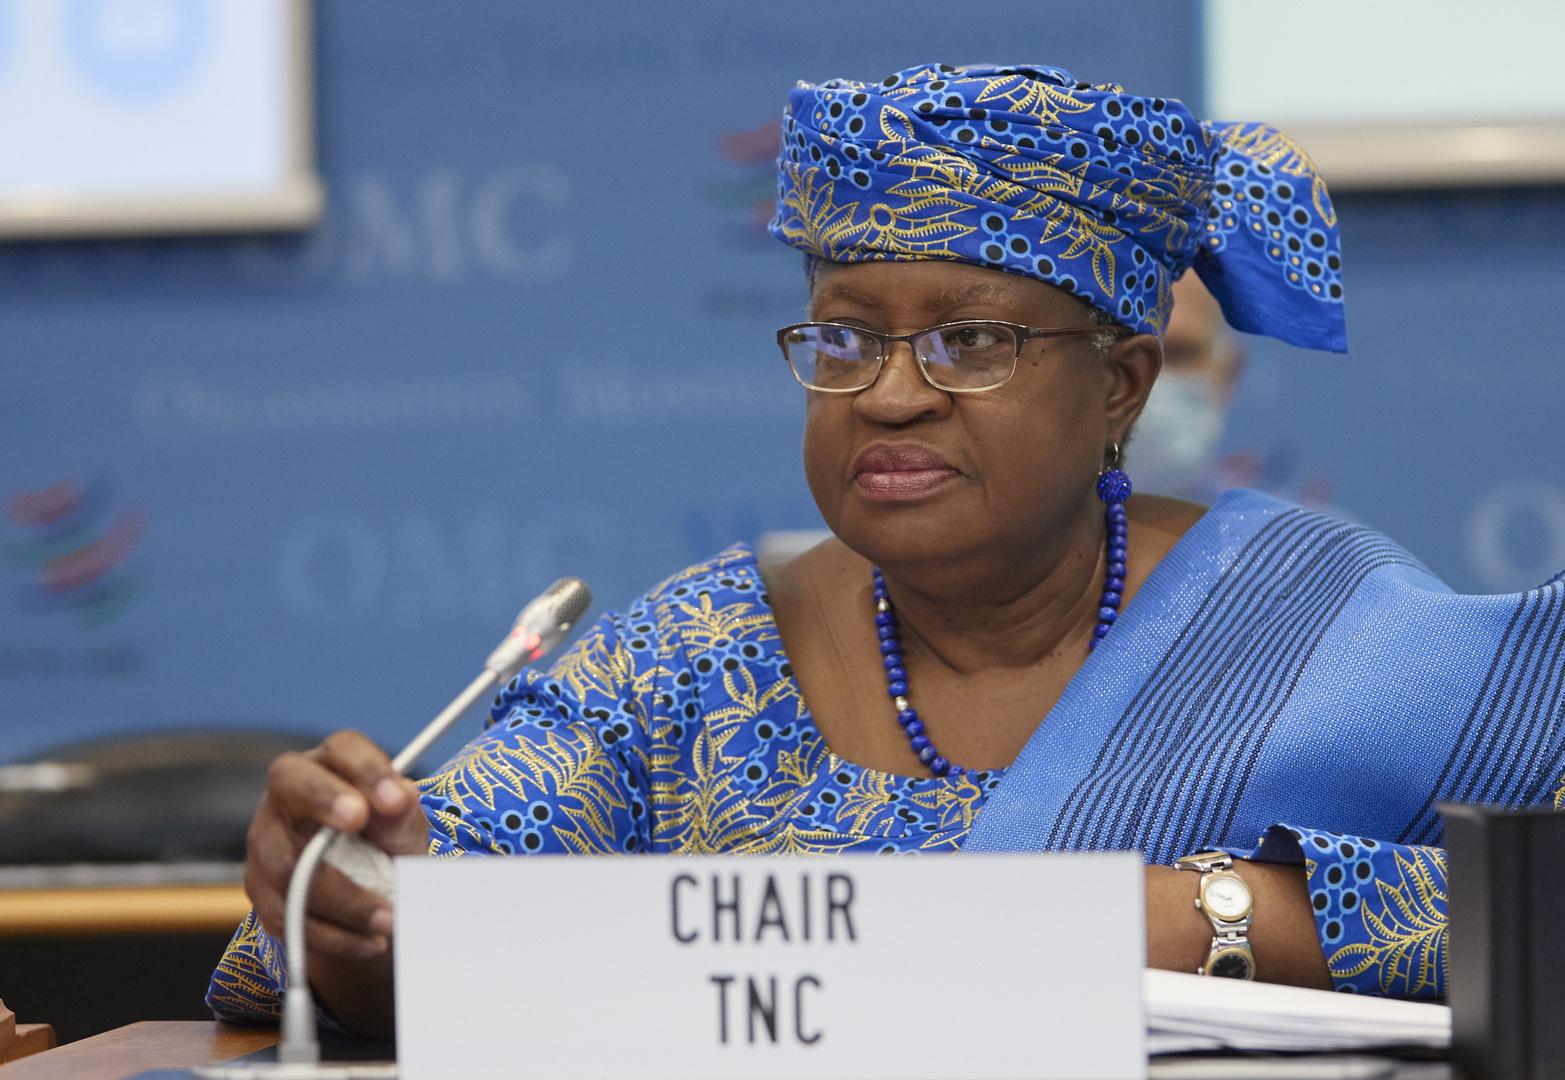 منظمة التجارة العالمية تحذر من مخاطر عدم المساواة في الحصول على اللقاحات